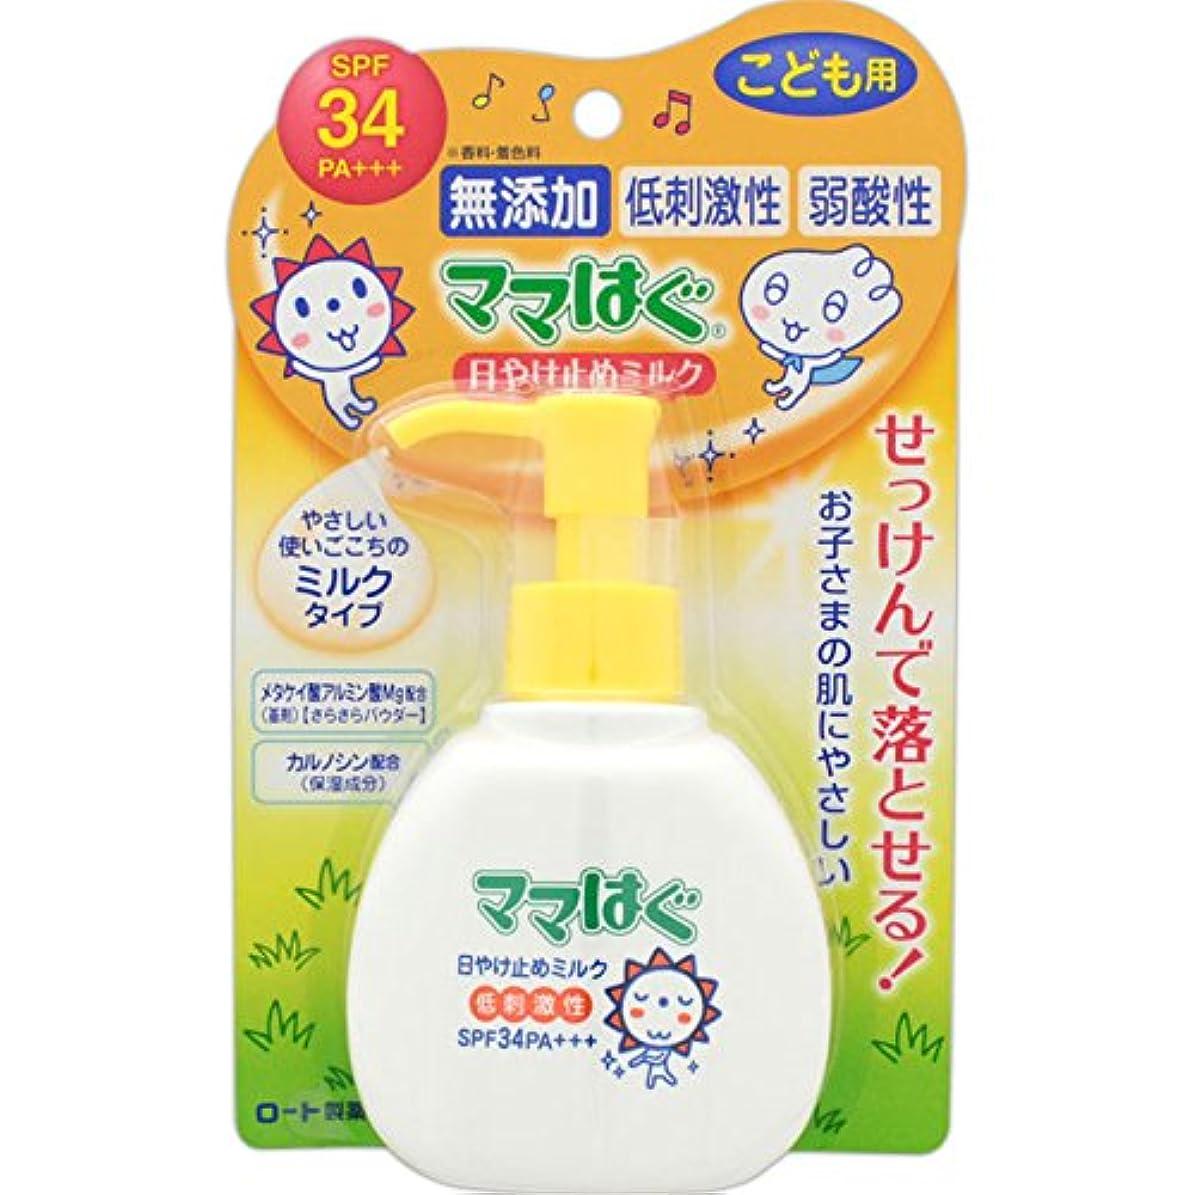 ハブブアクセル気になるロート製薬 ママはぐ 無添加 低刺激性日やけ止めミルク SPF34 PA+++ 100g